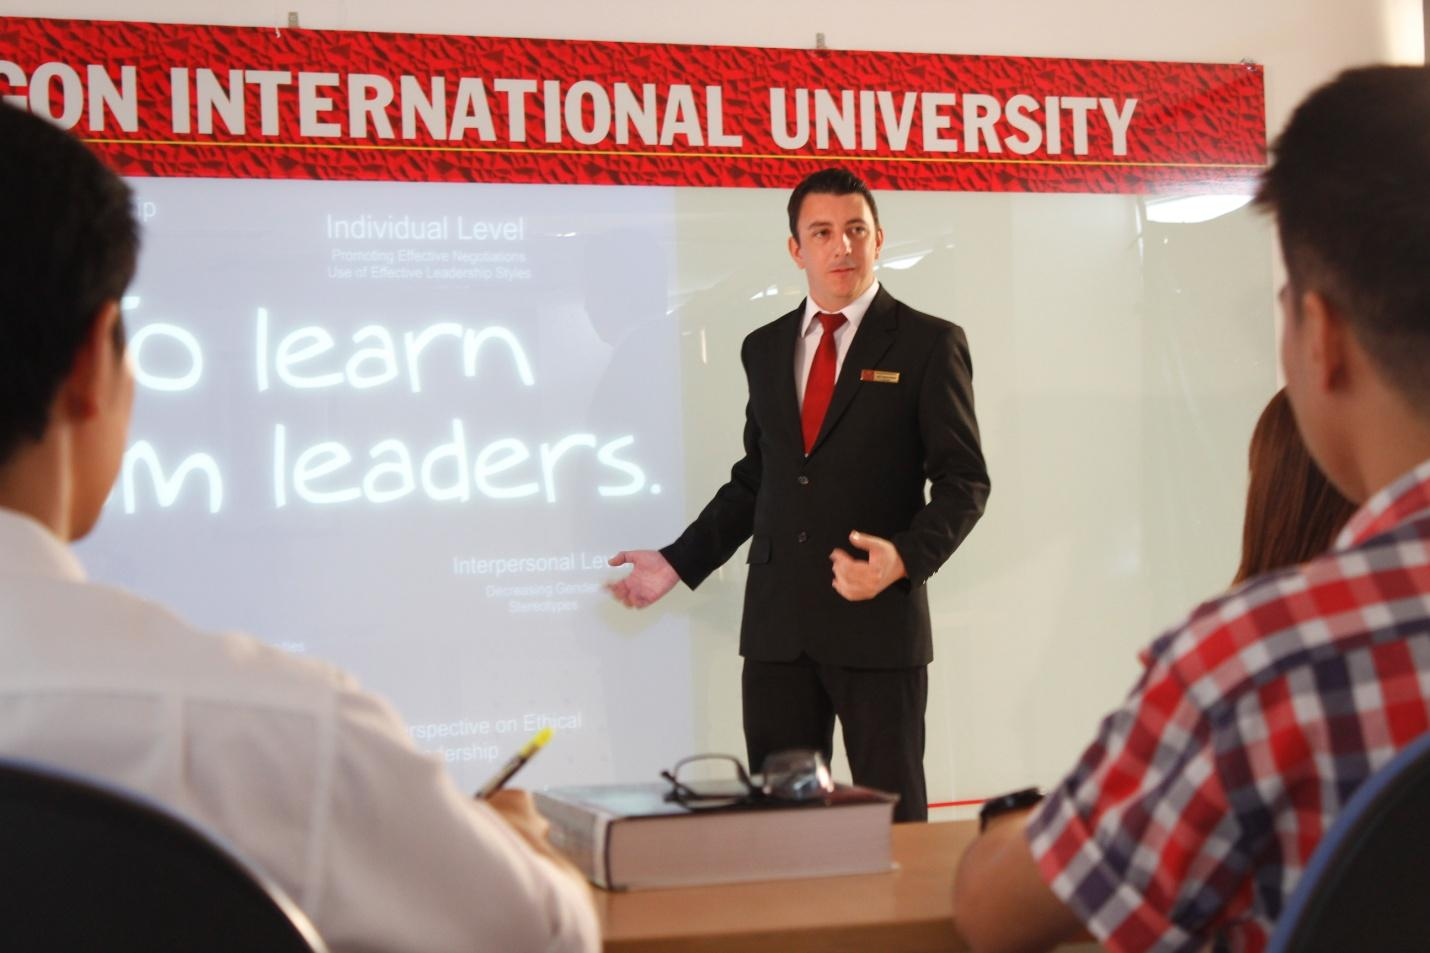 ĐH Quốc tế Sài Gòn và định hướng đào tạo sinh viên toàn cầu - Ảnh 1.